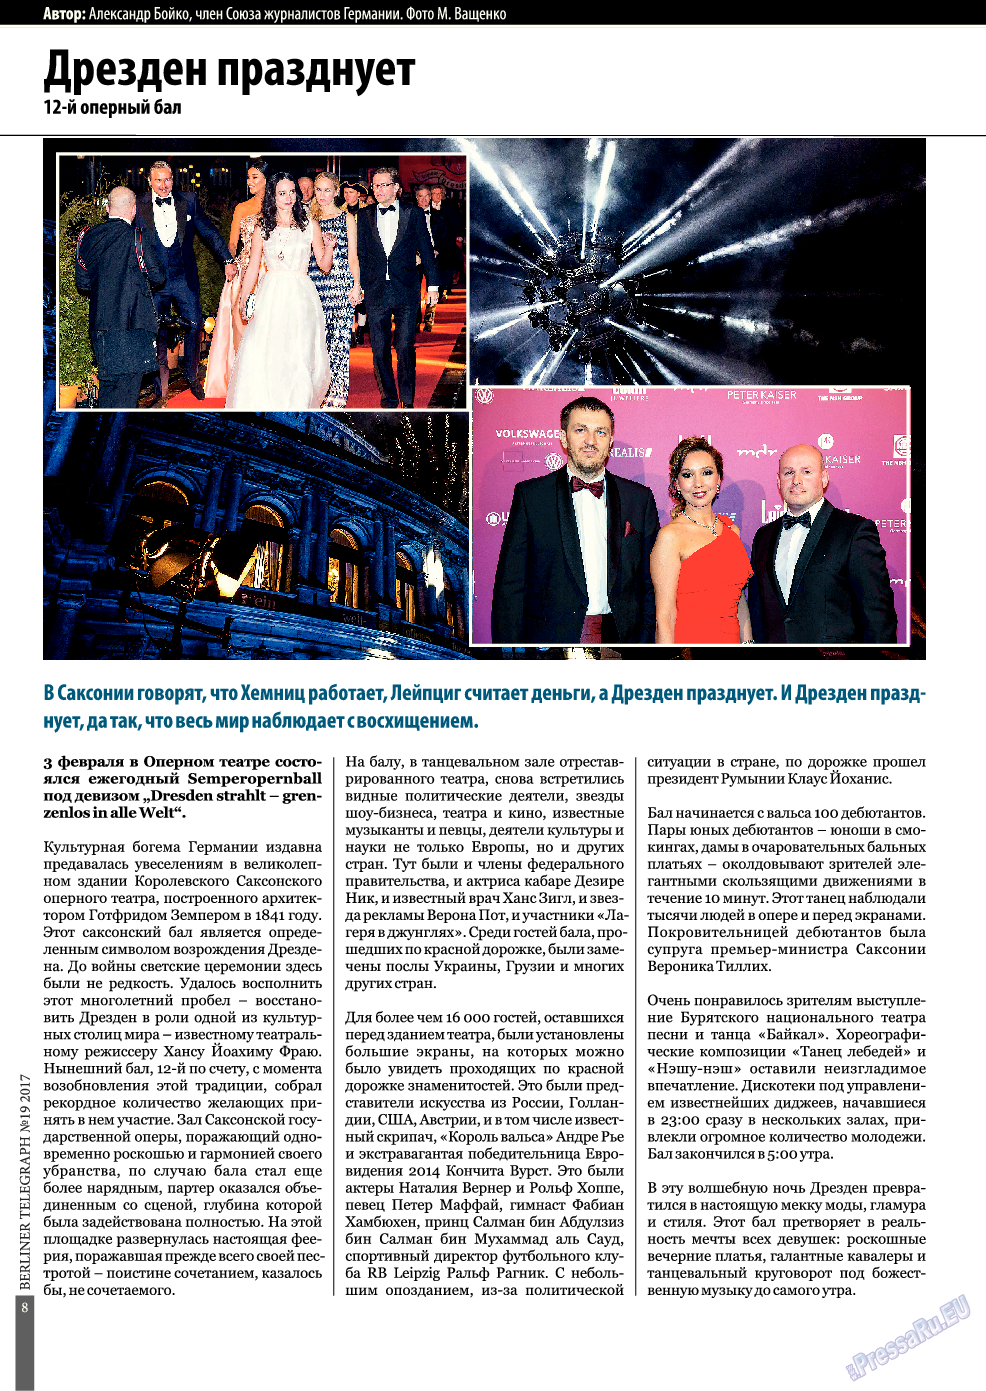 Берлинский телеграф (журнал). 2017 год, номер 19, стр. 8